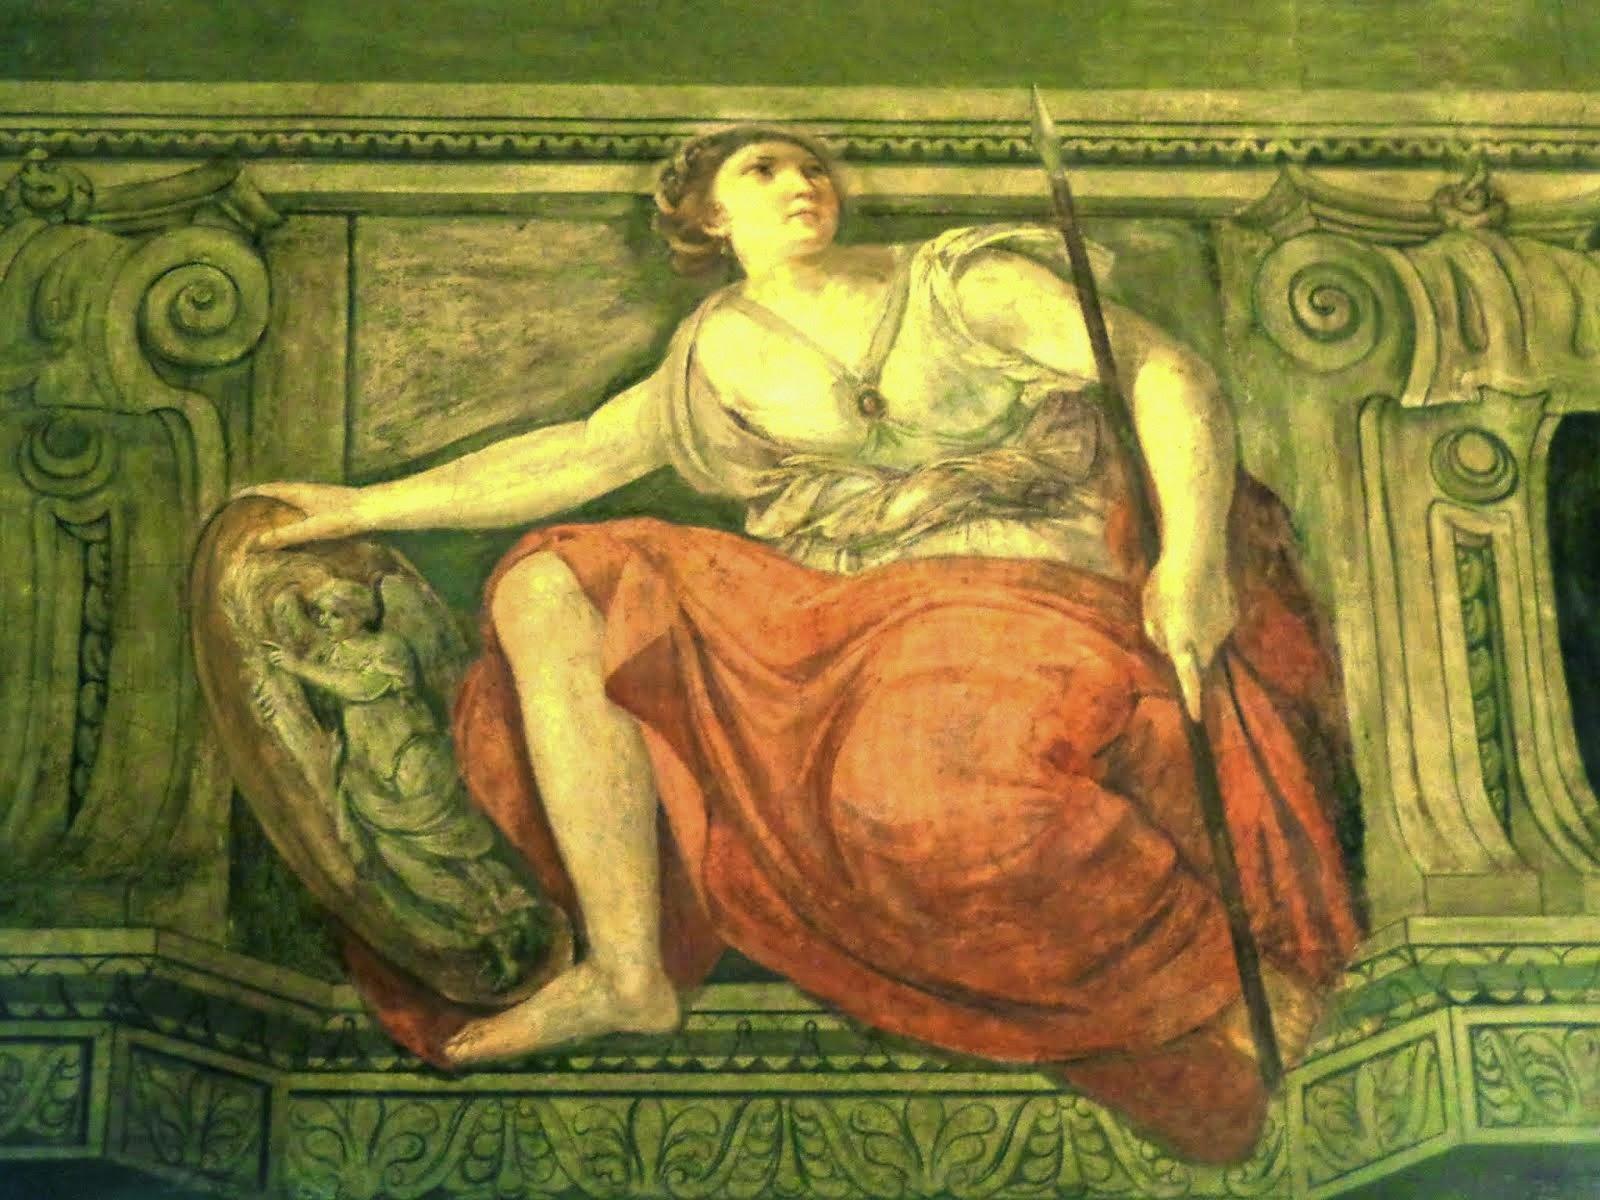 Nos afrescos, as divindades greco-romanas, pagãs, conferiam leveza e harmonia.